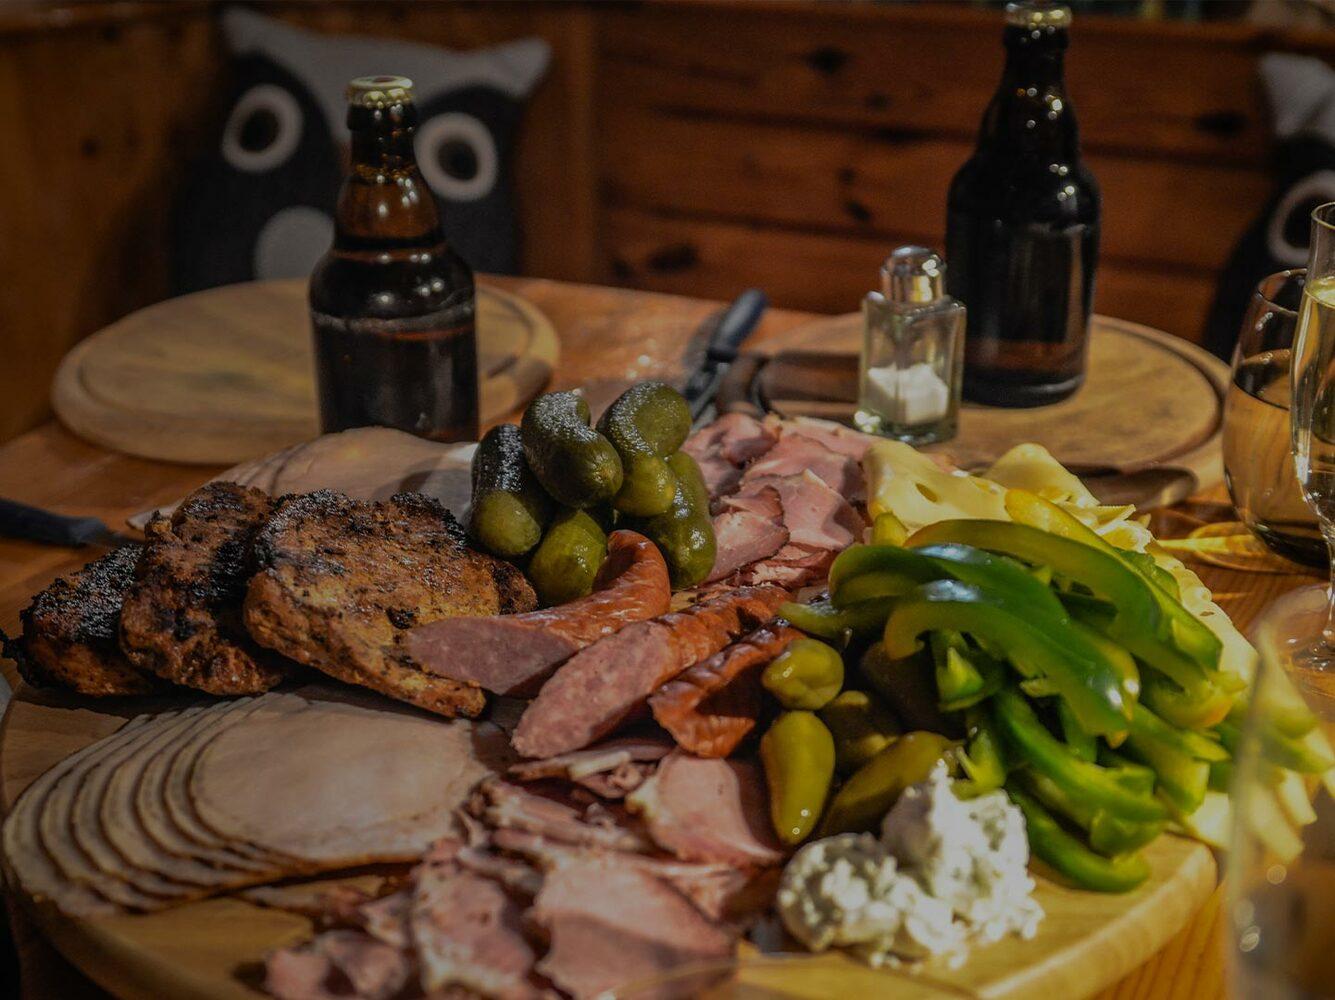 Tipps für den Biergartenbesuch & fünf Biergärten im Raum Ingolstadt, um sie anzuwenden